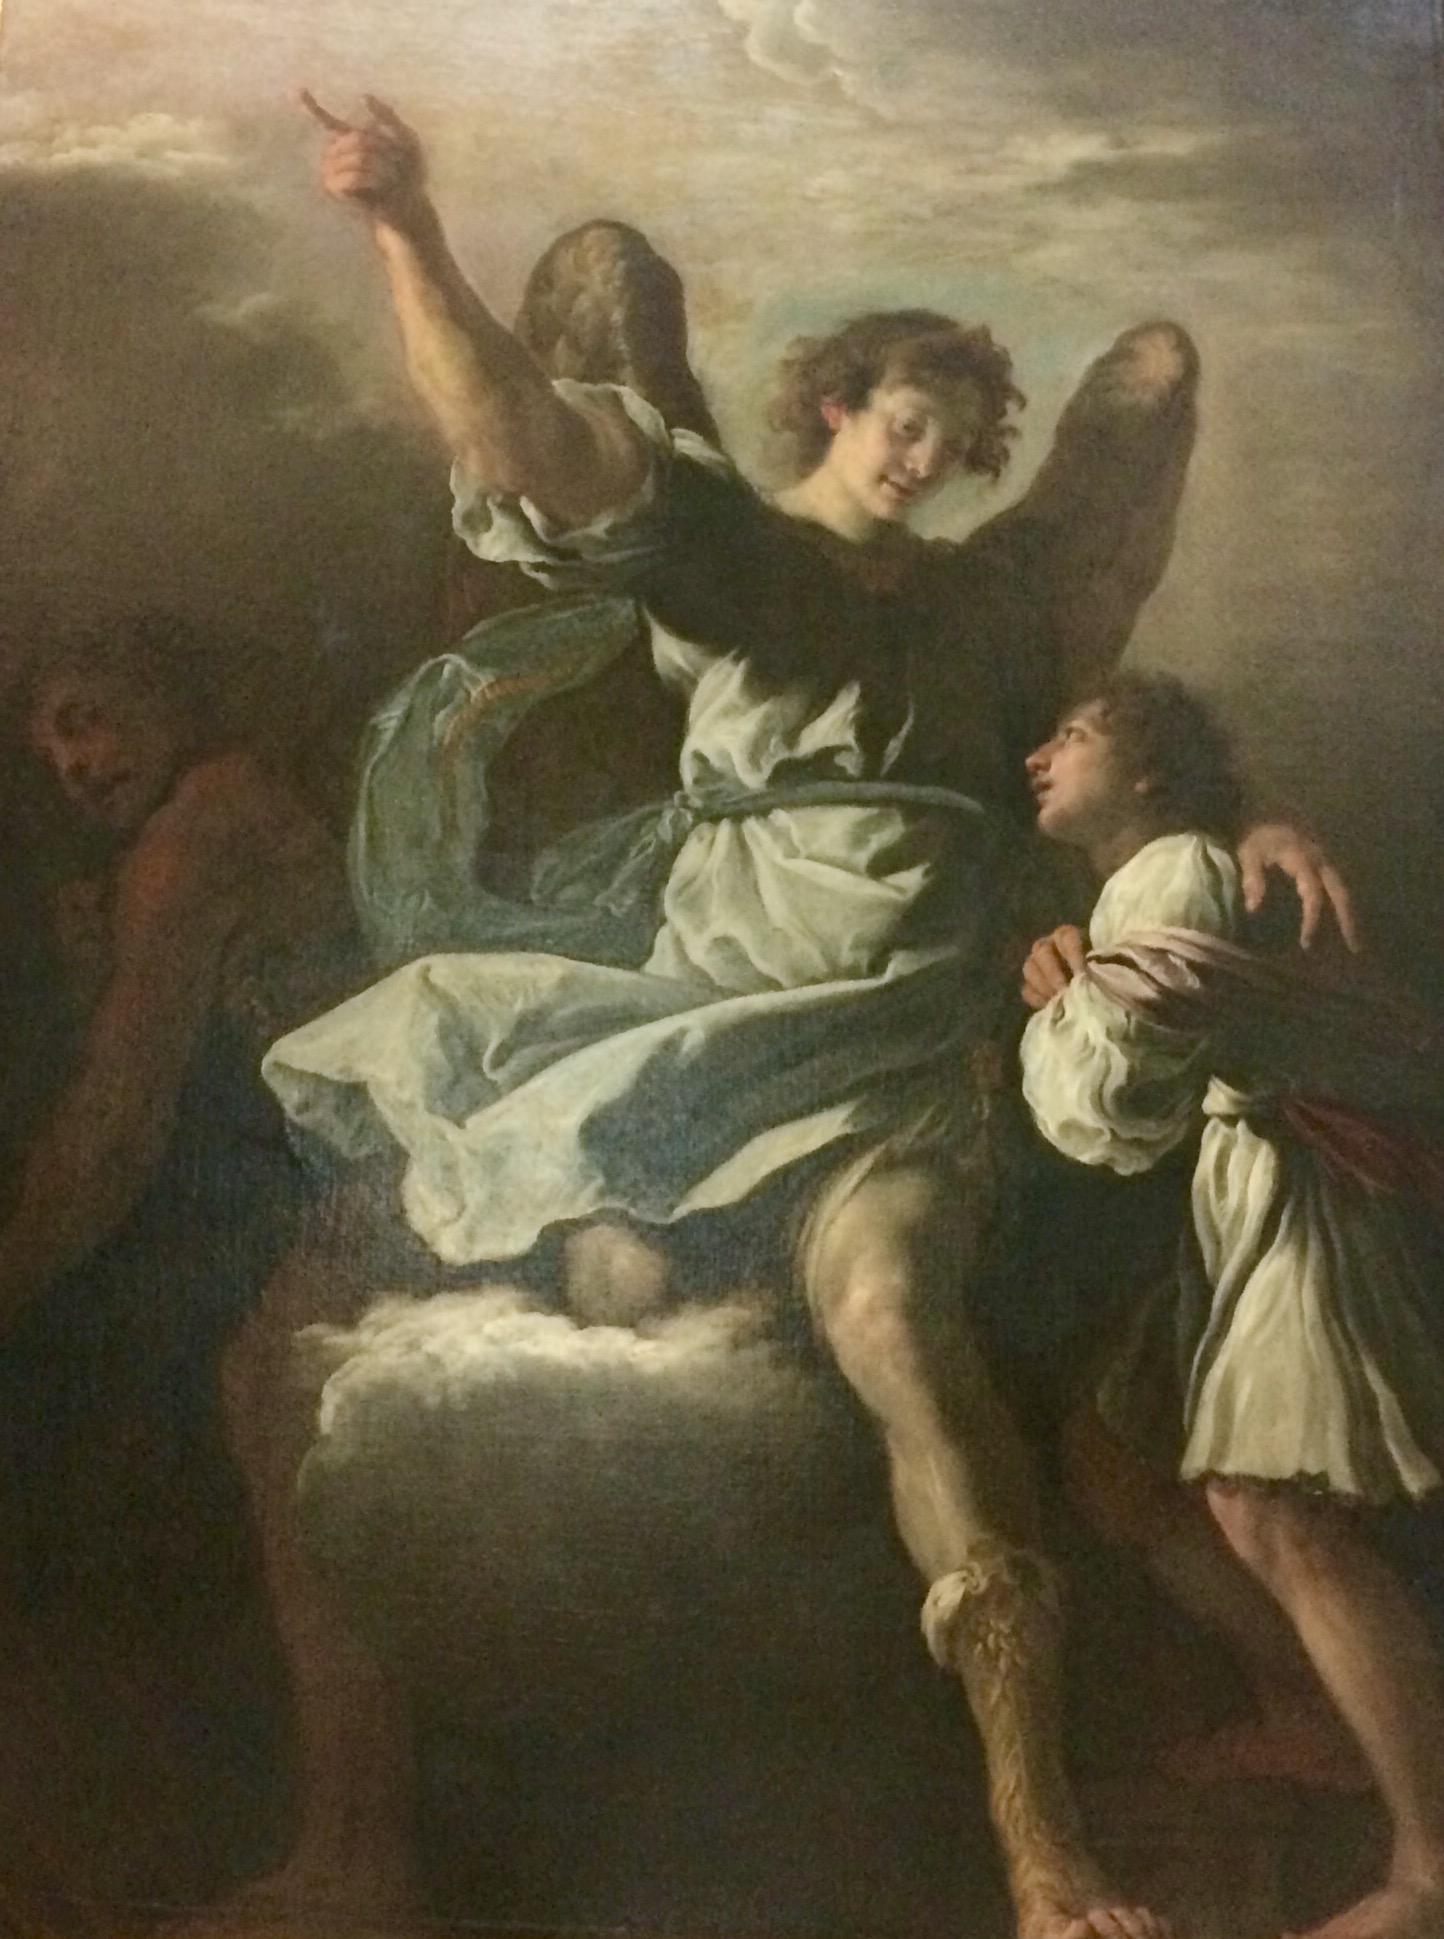 Les Anges du Louvre